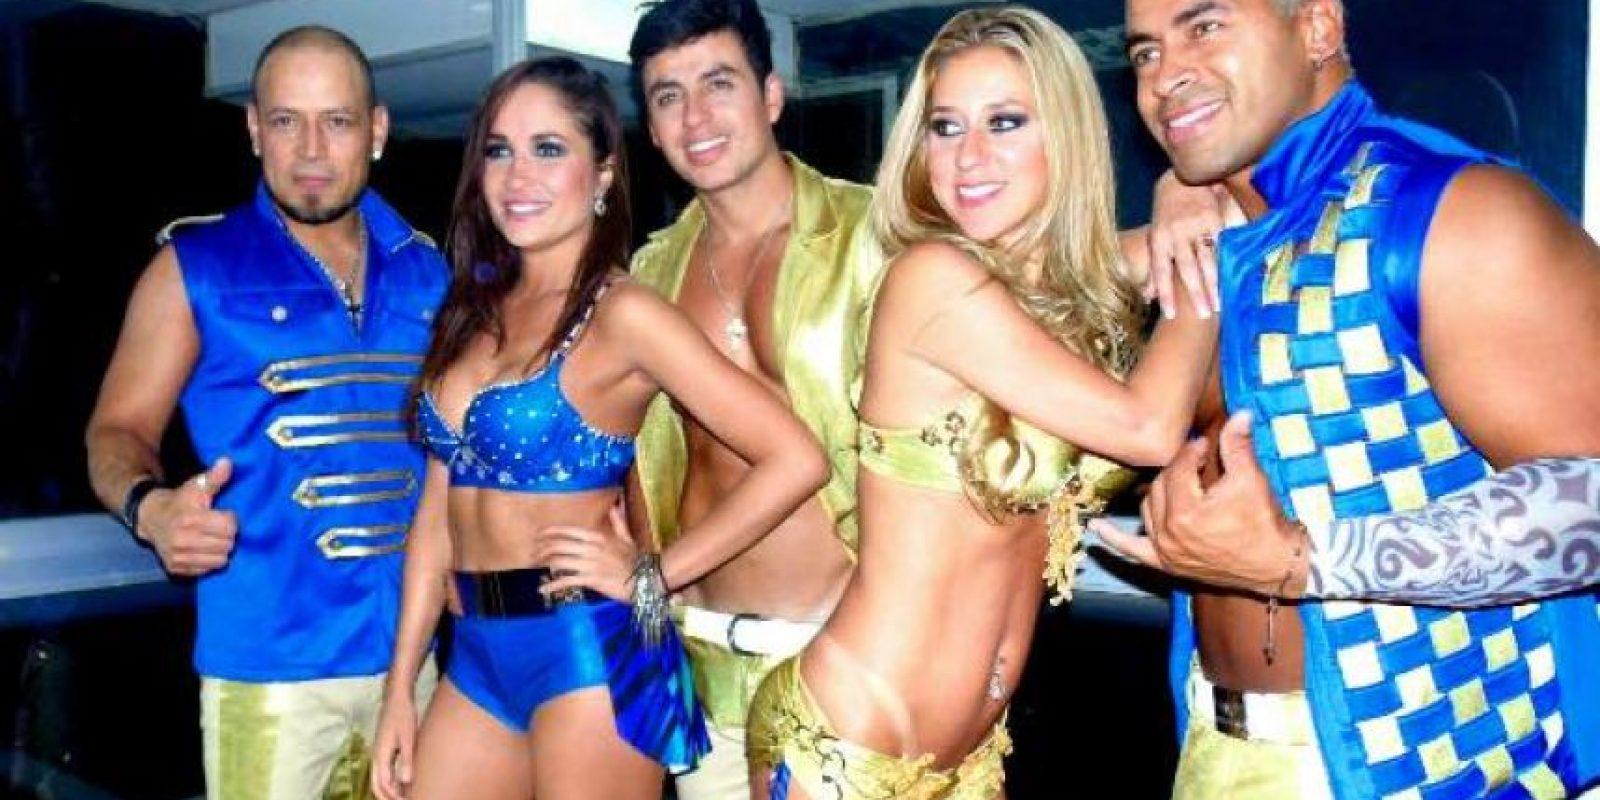 """Alcanzaron fama internacional con el éxito """"Beijo na Boca"""" Foto:Facebook.com/AxeBahiaOficial. Imagen Por:"""